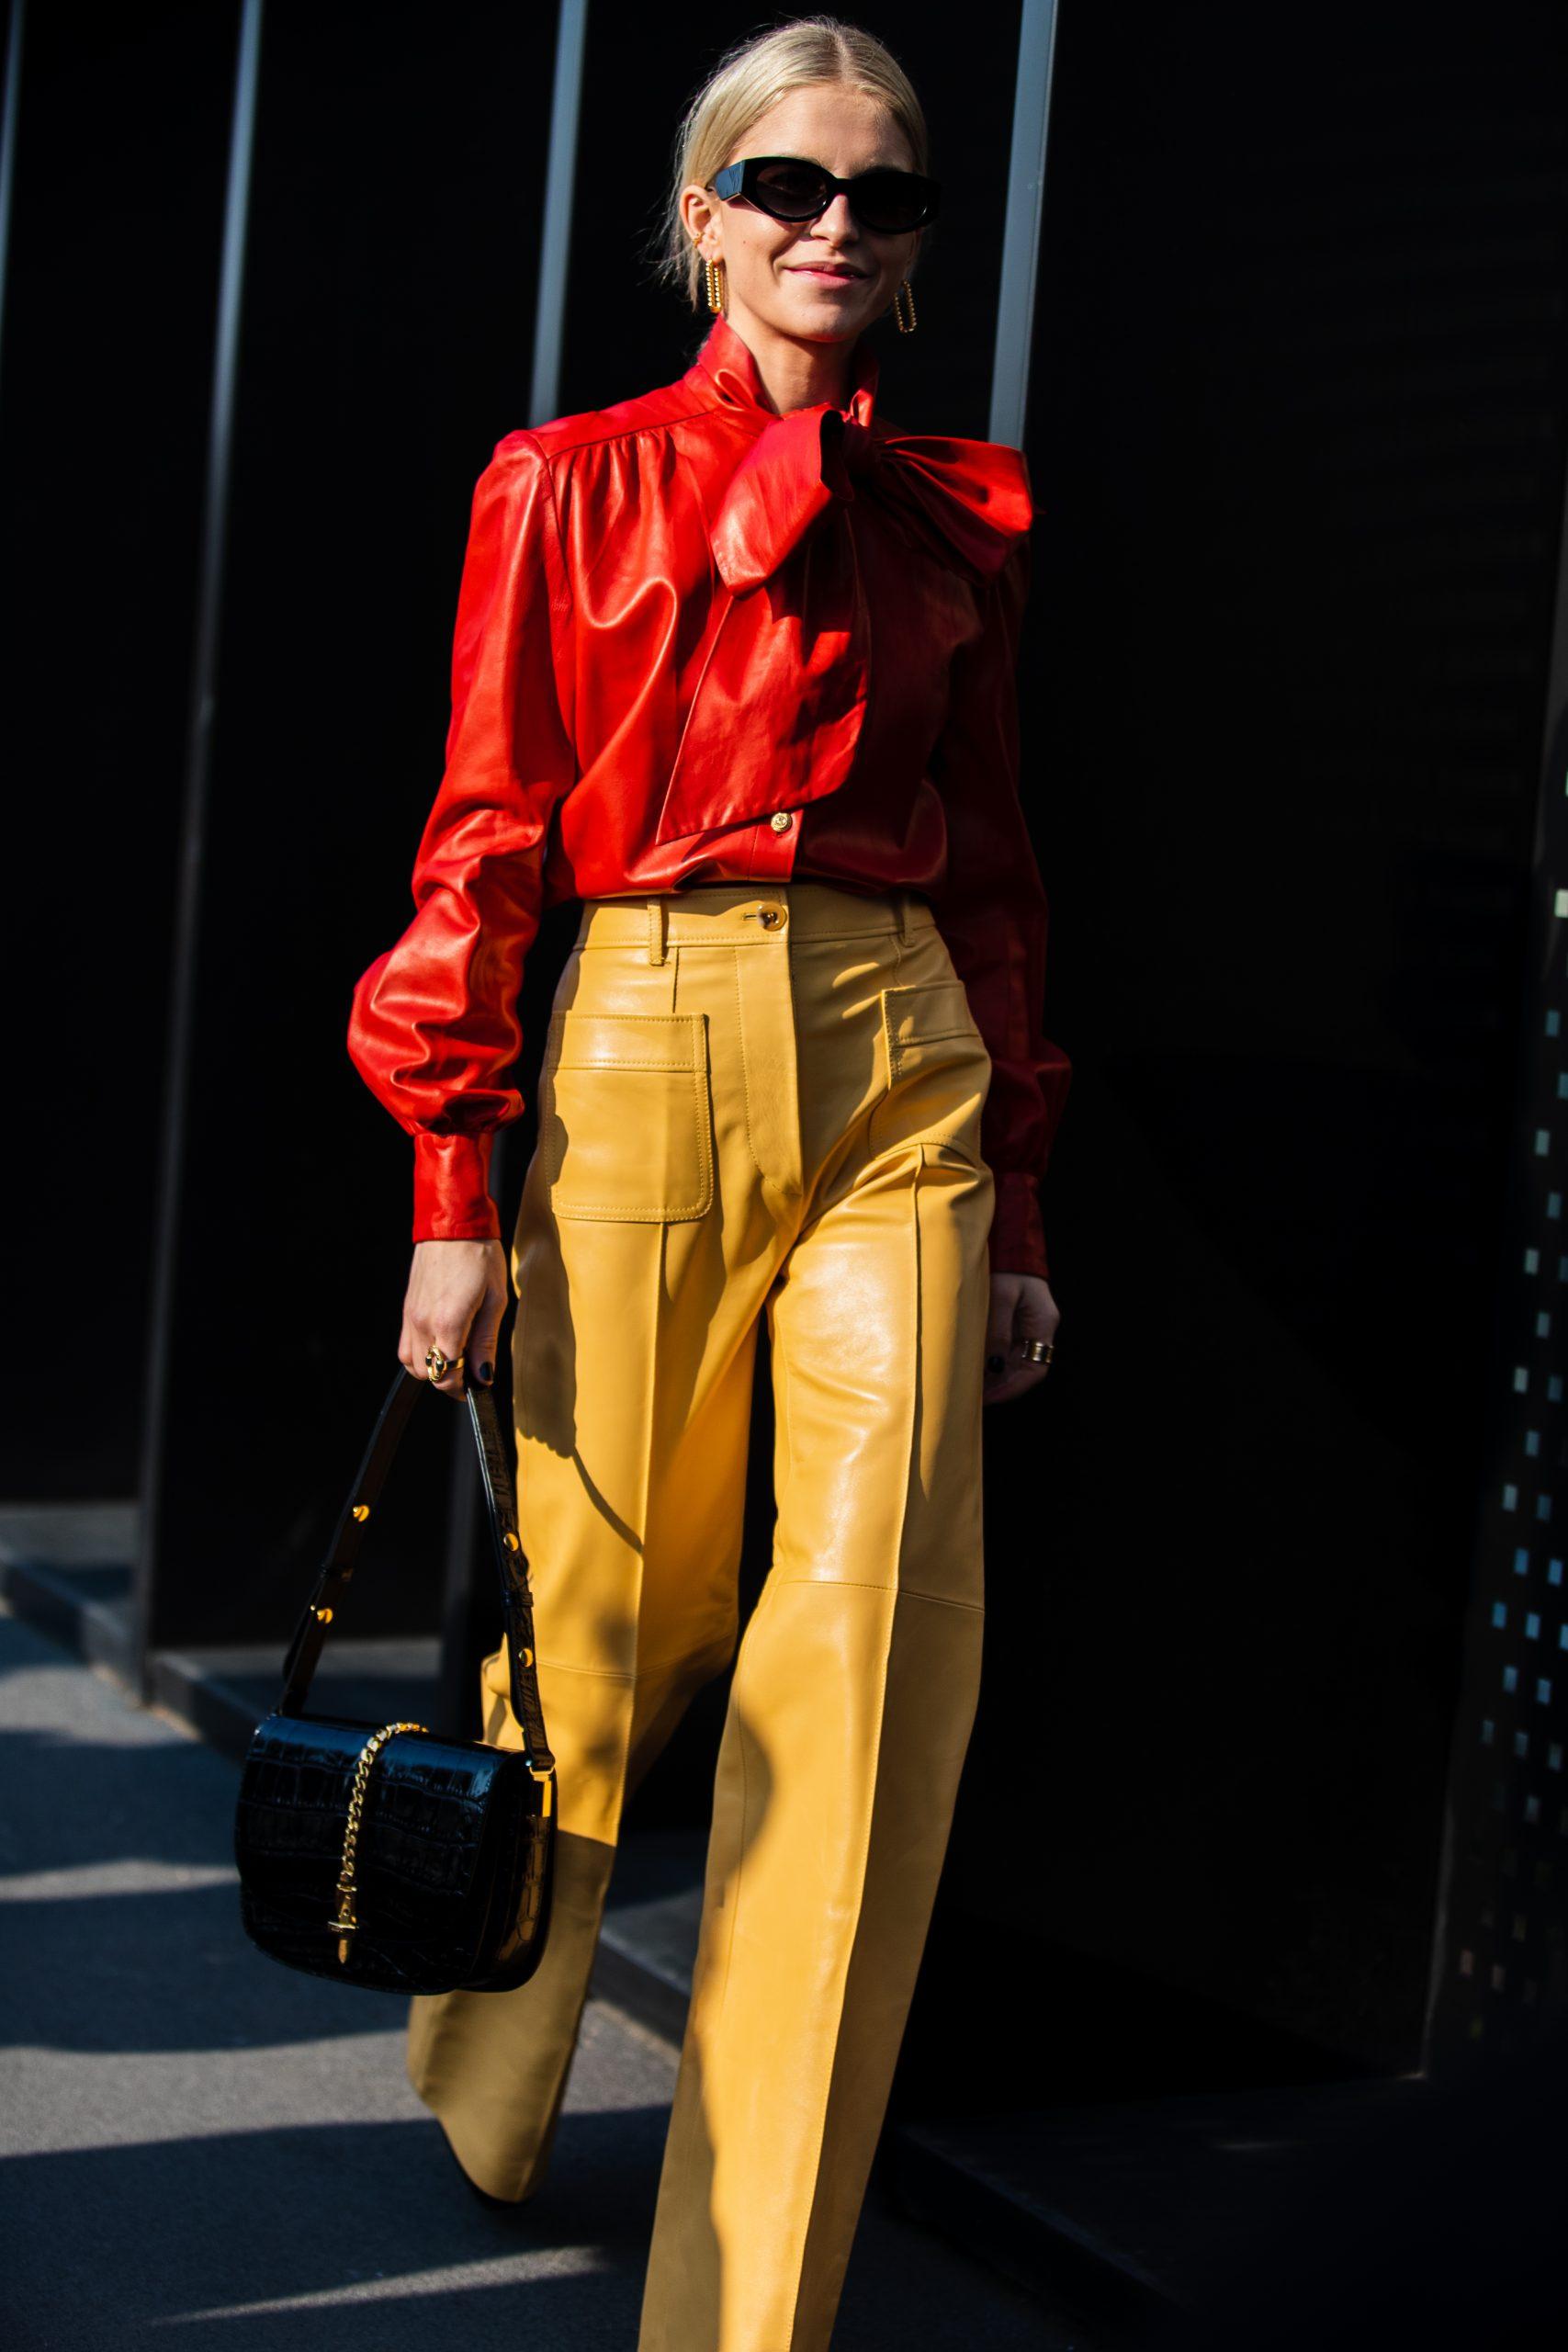 Milan Fashion Week Street Style Photos by Nick Leuze